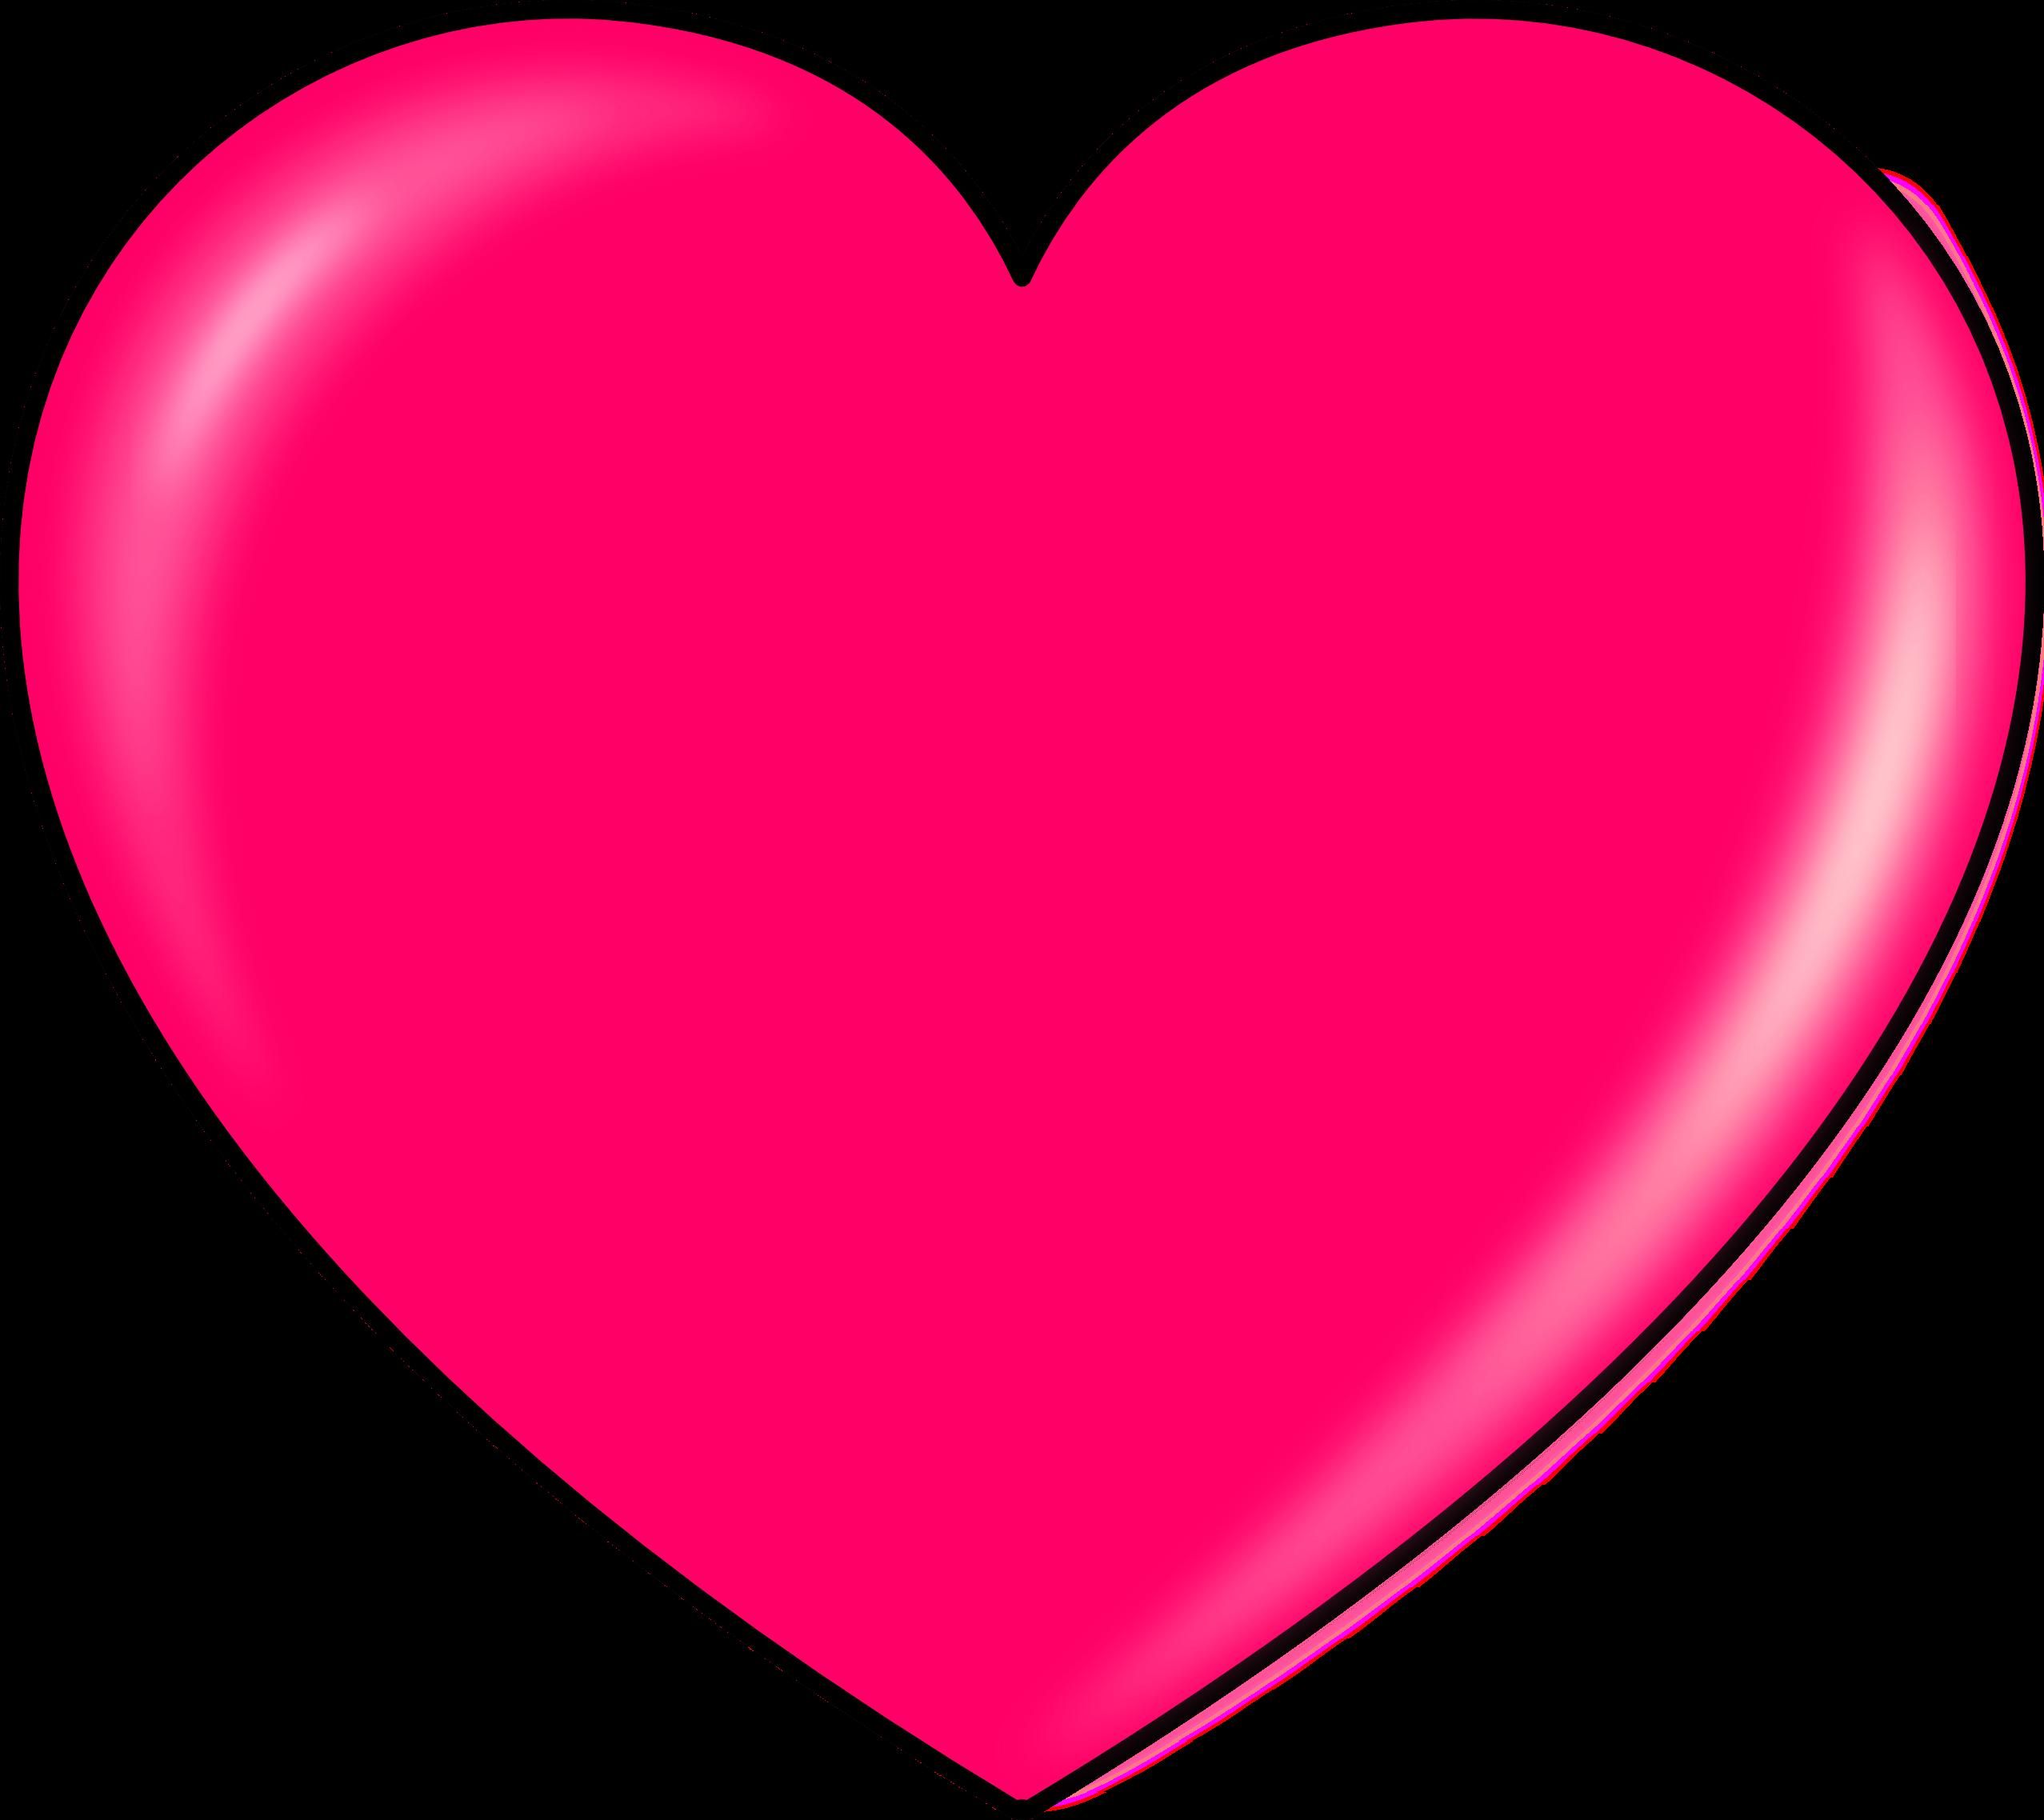 Pink heart clipart.